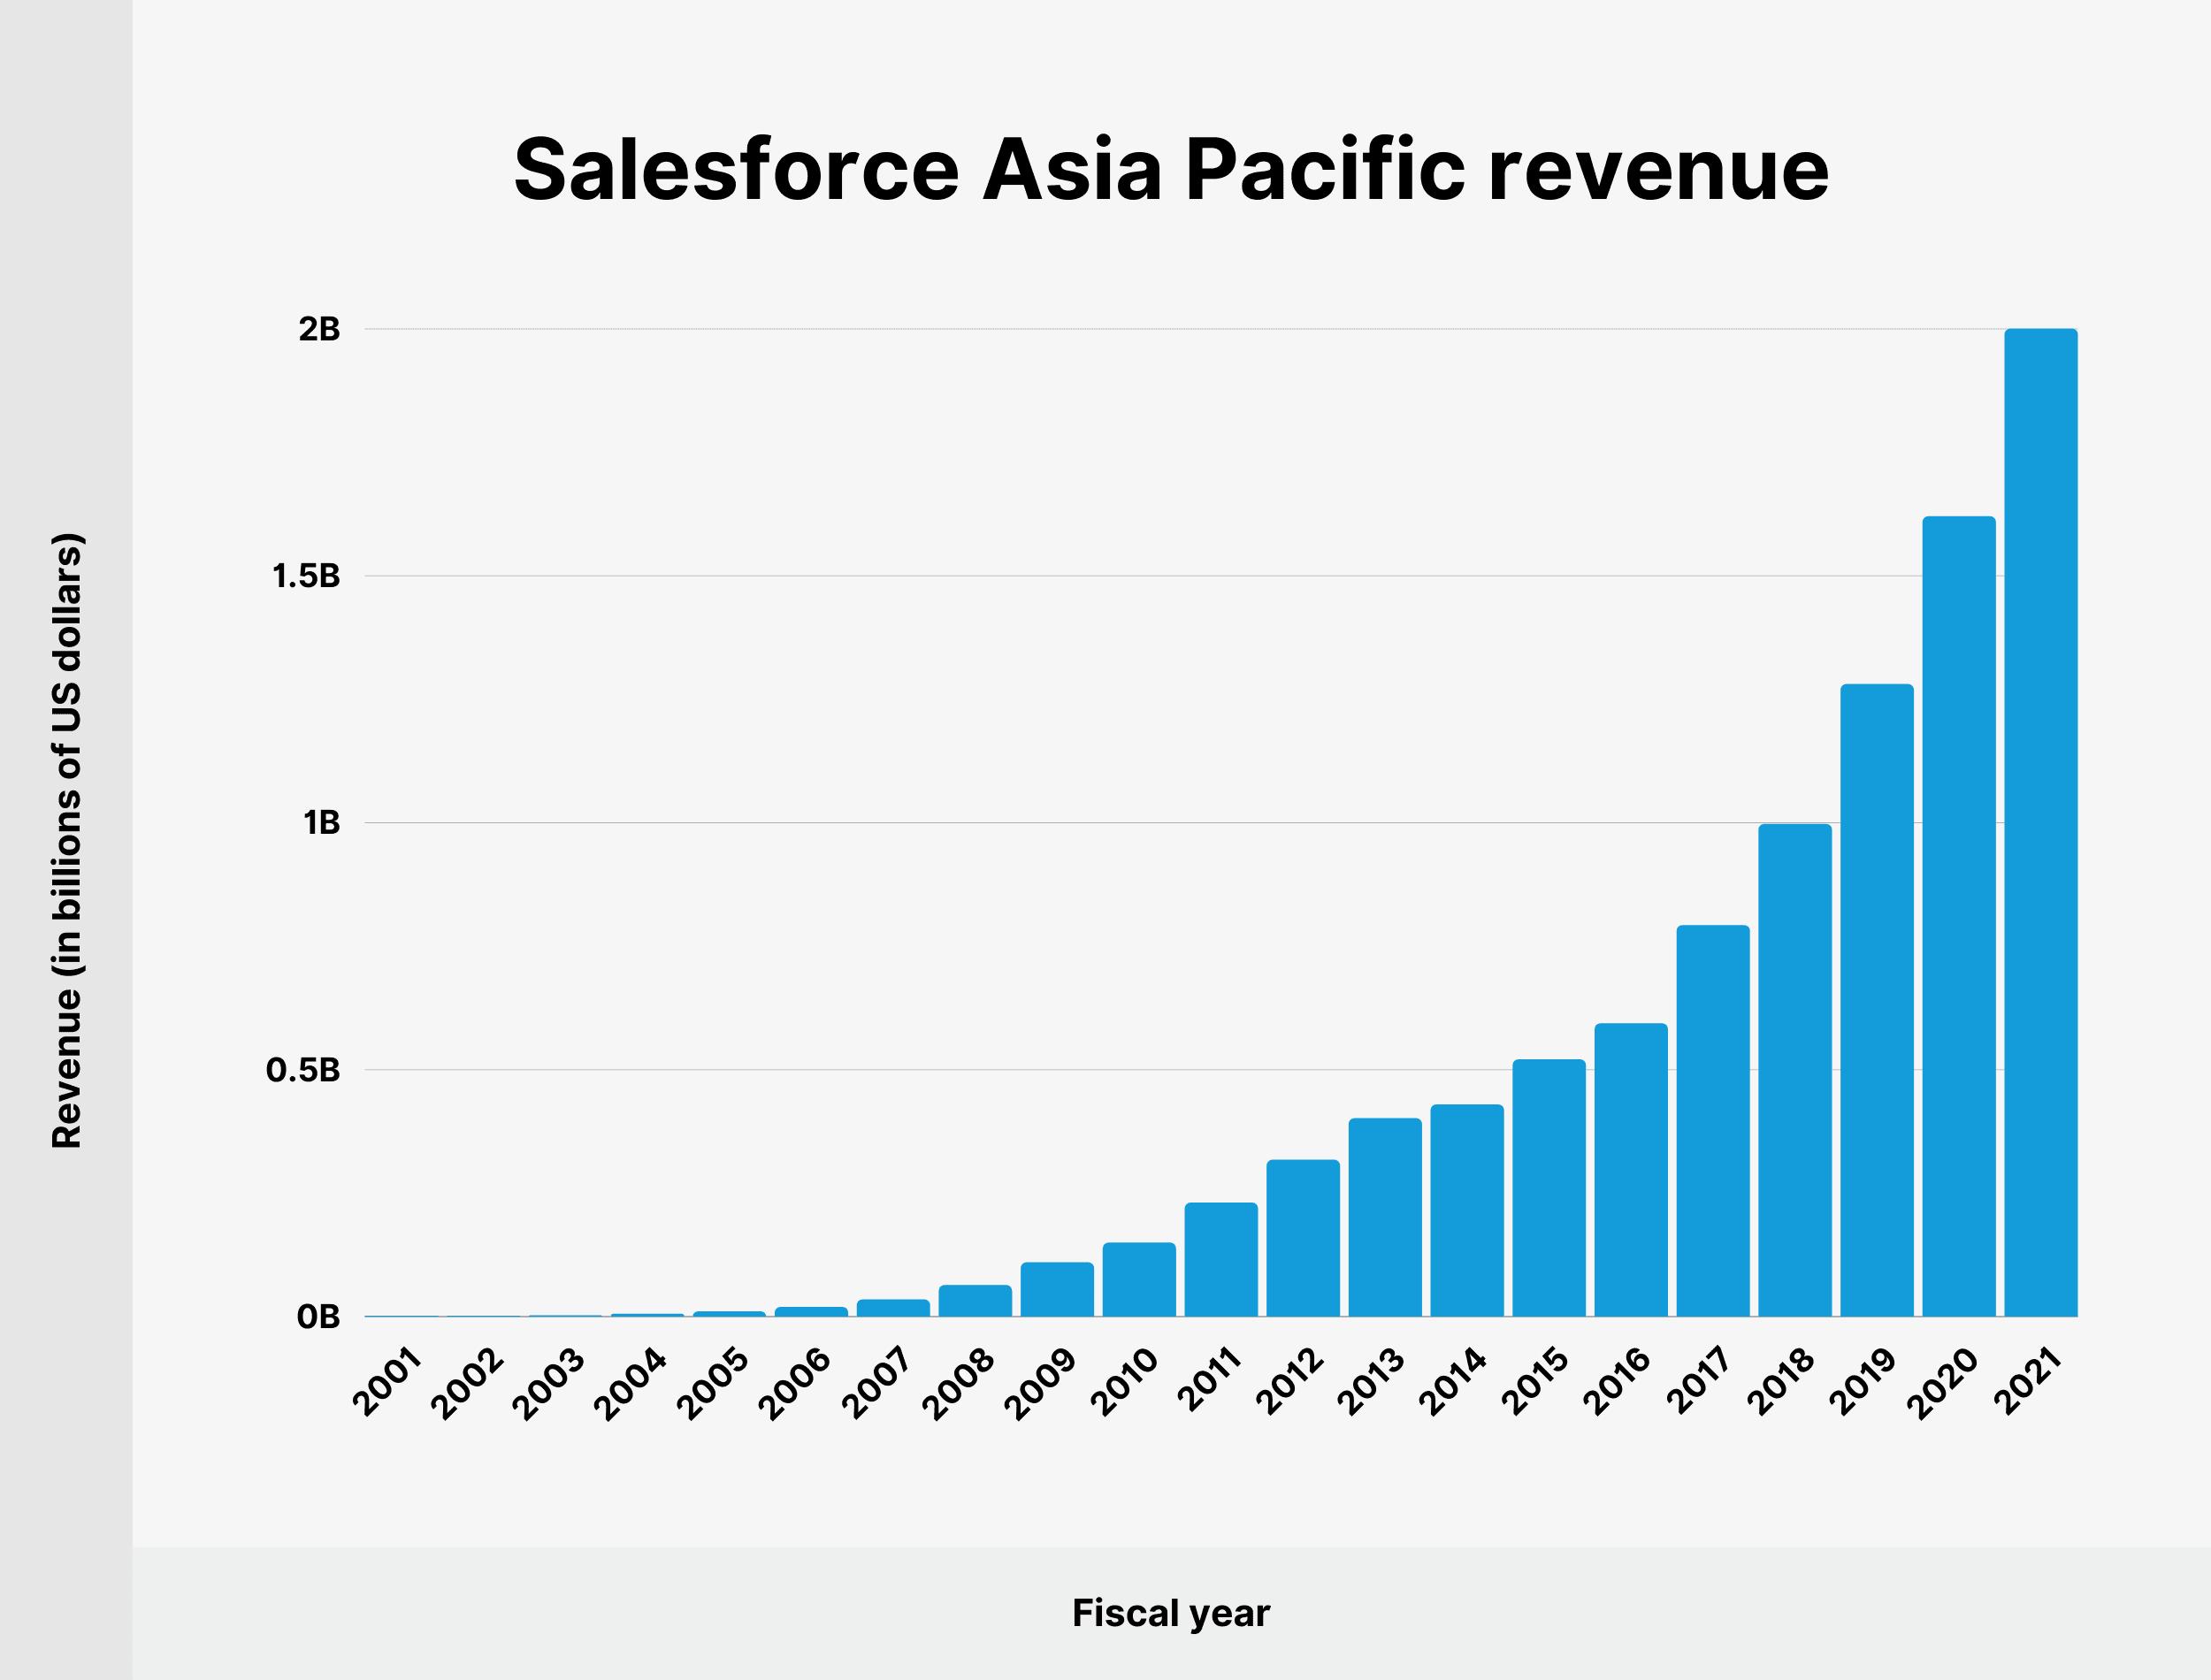 Salesforce Asia Pacific revenue